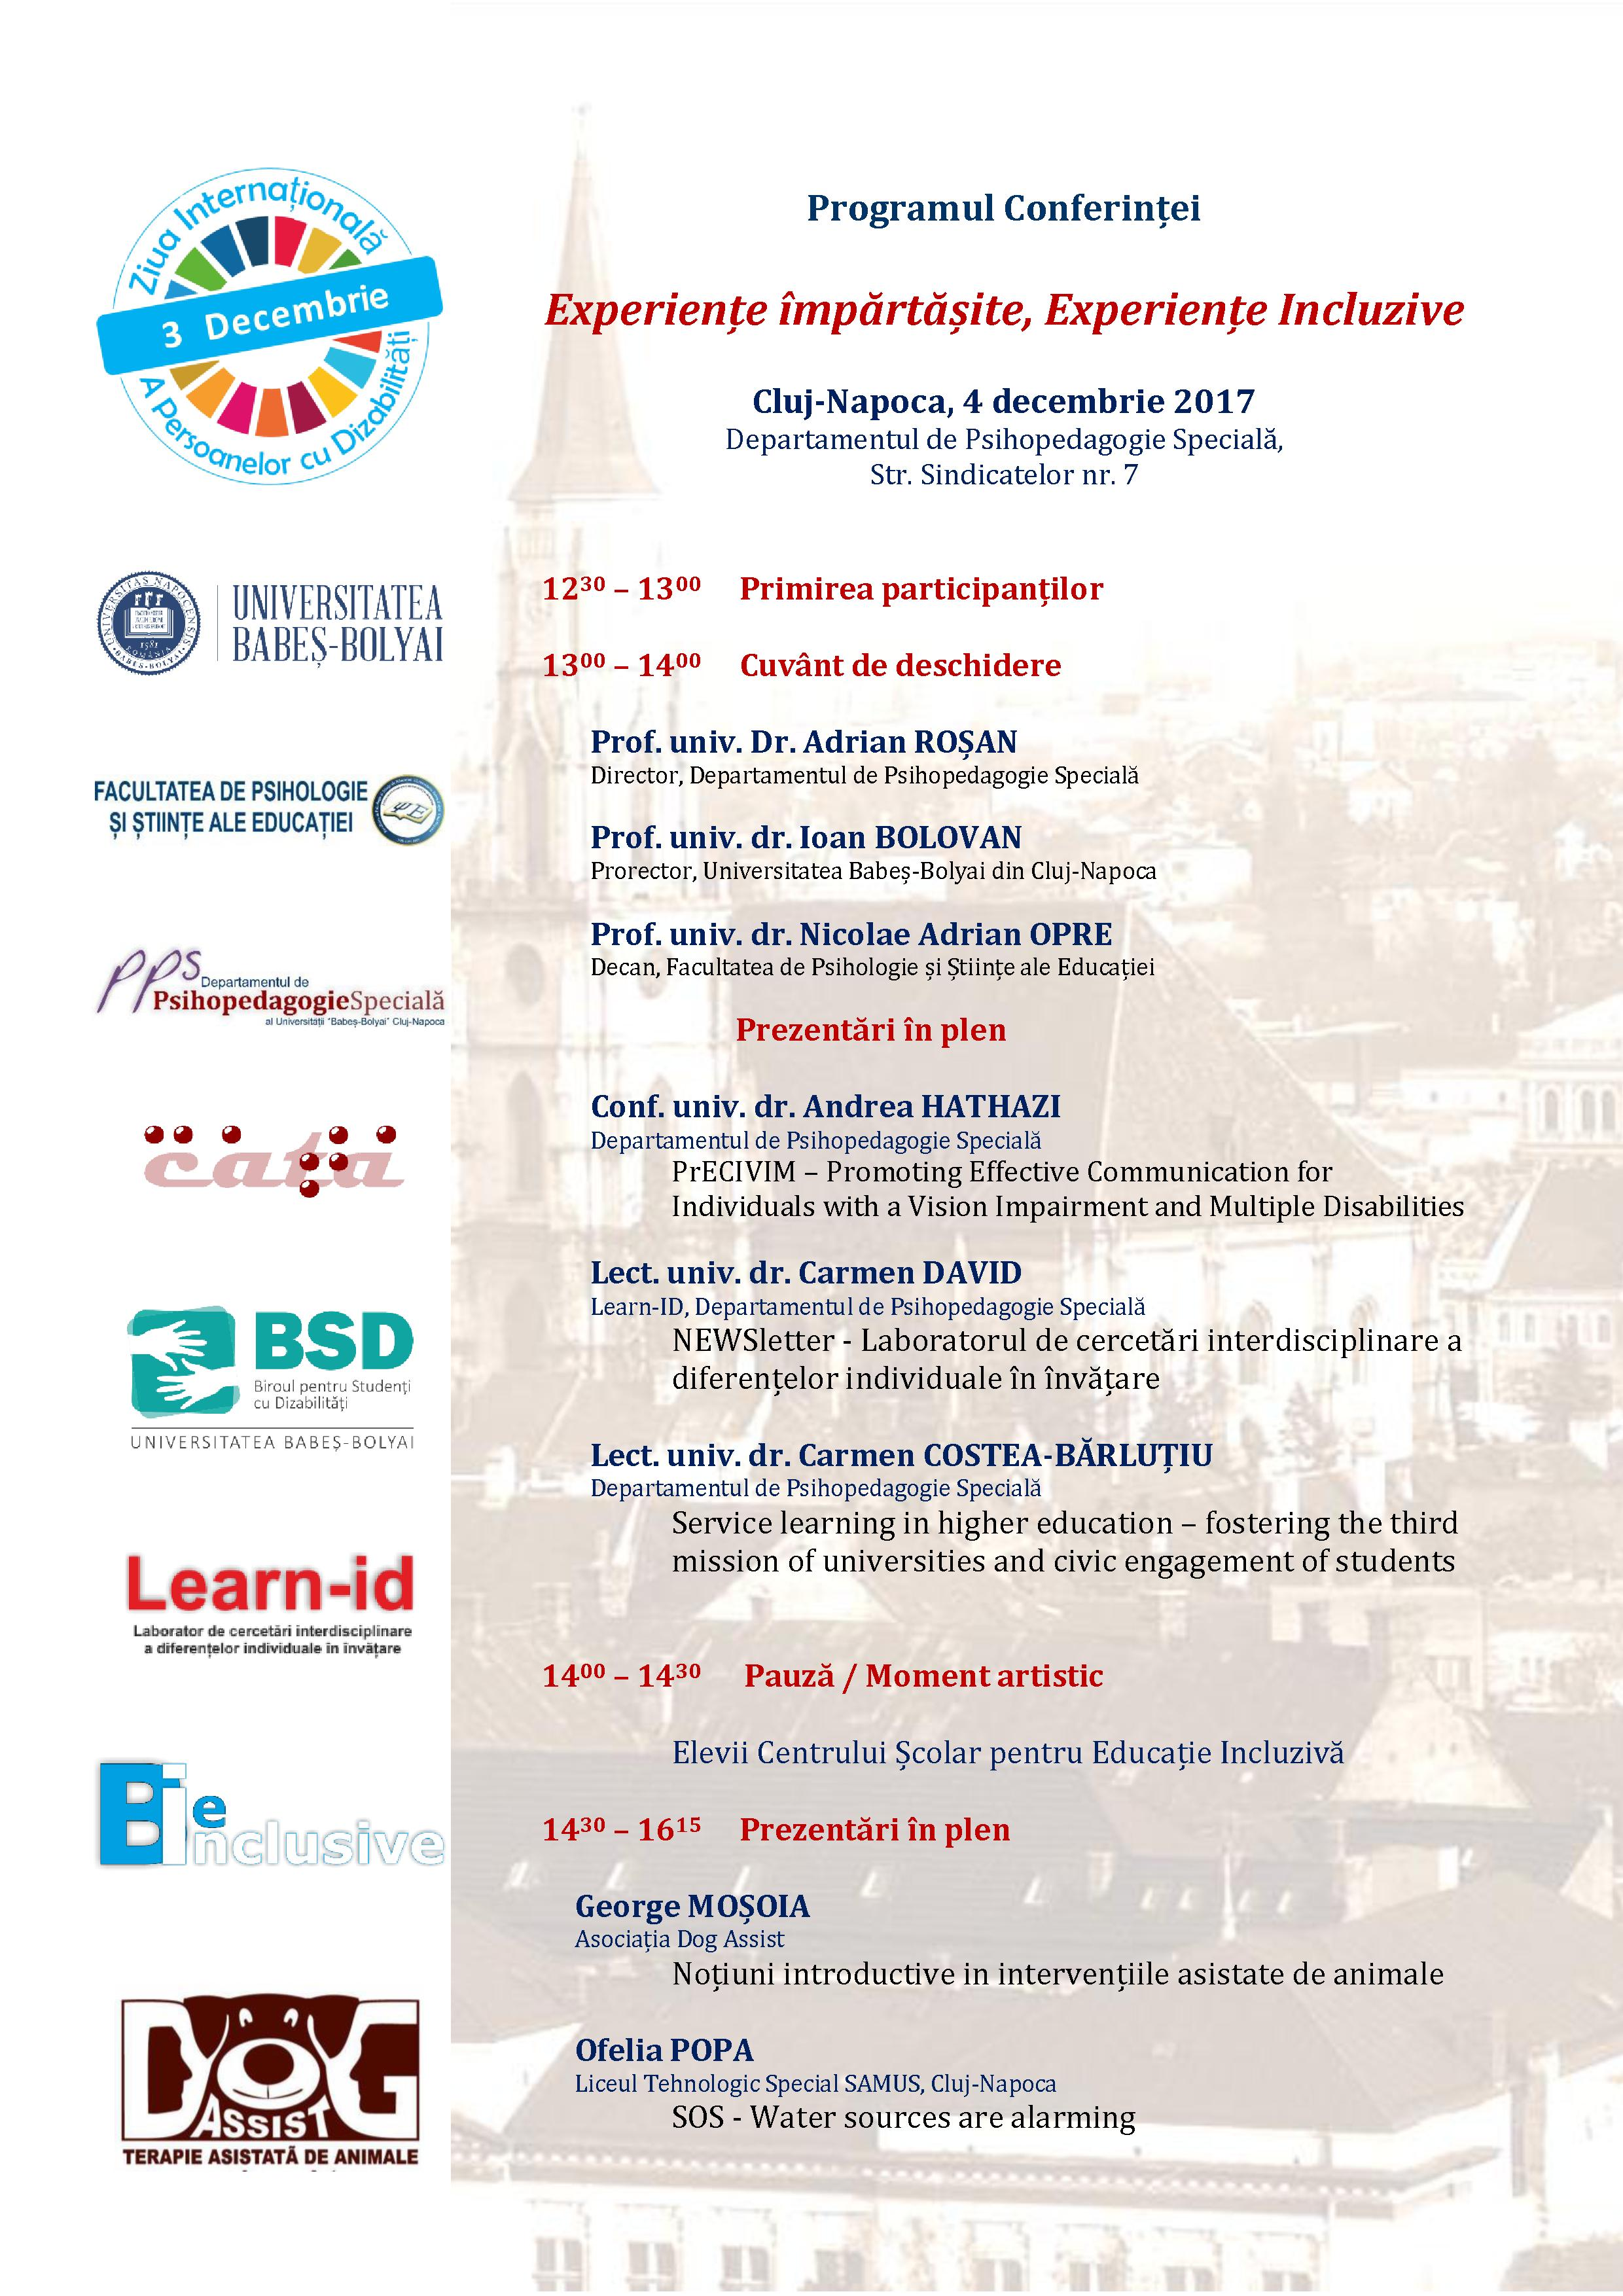 programul conferintei - pagina 1